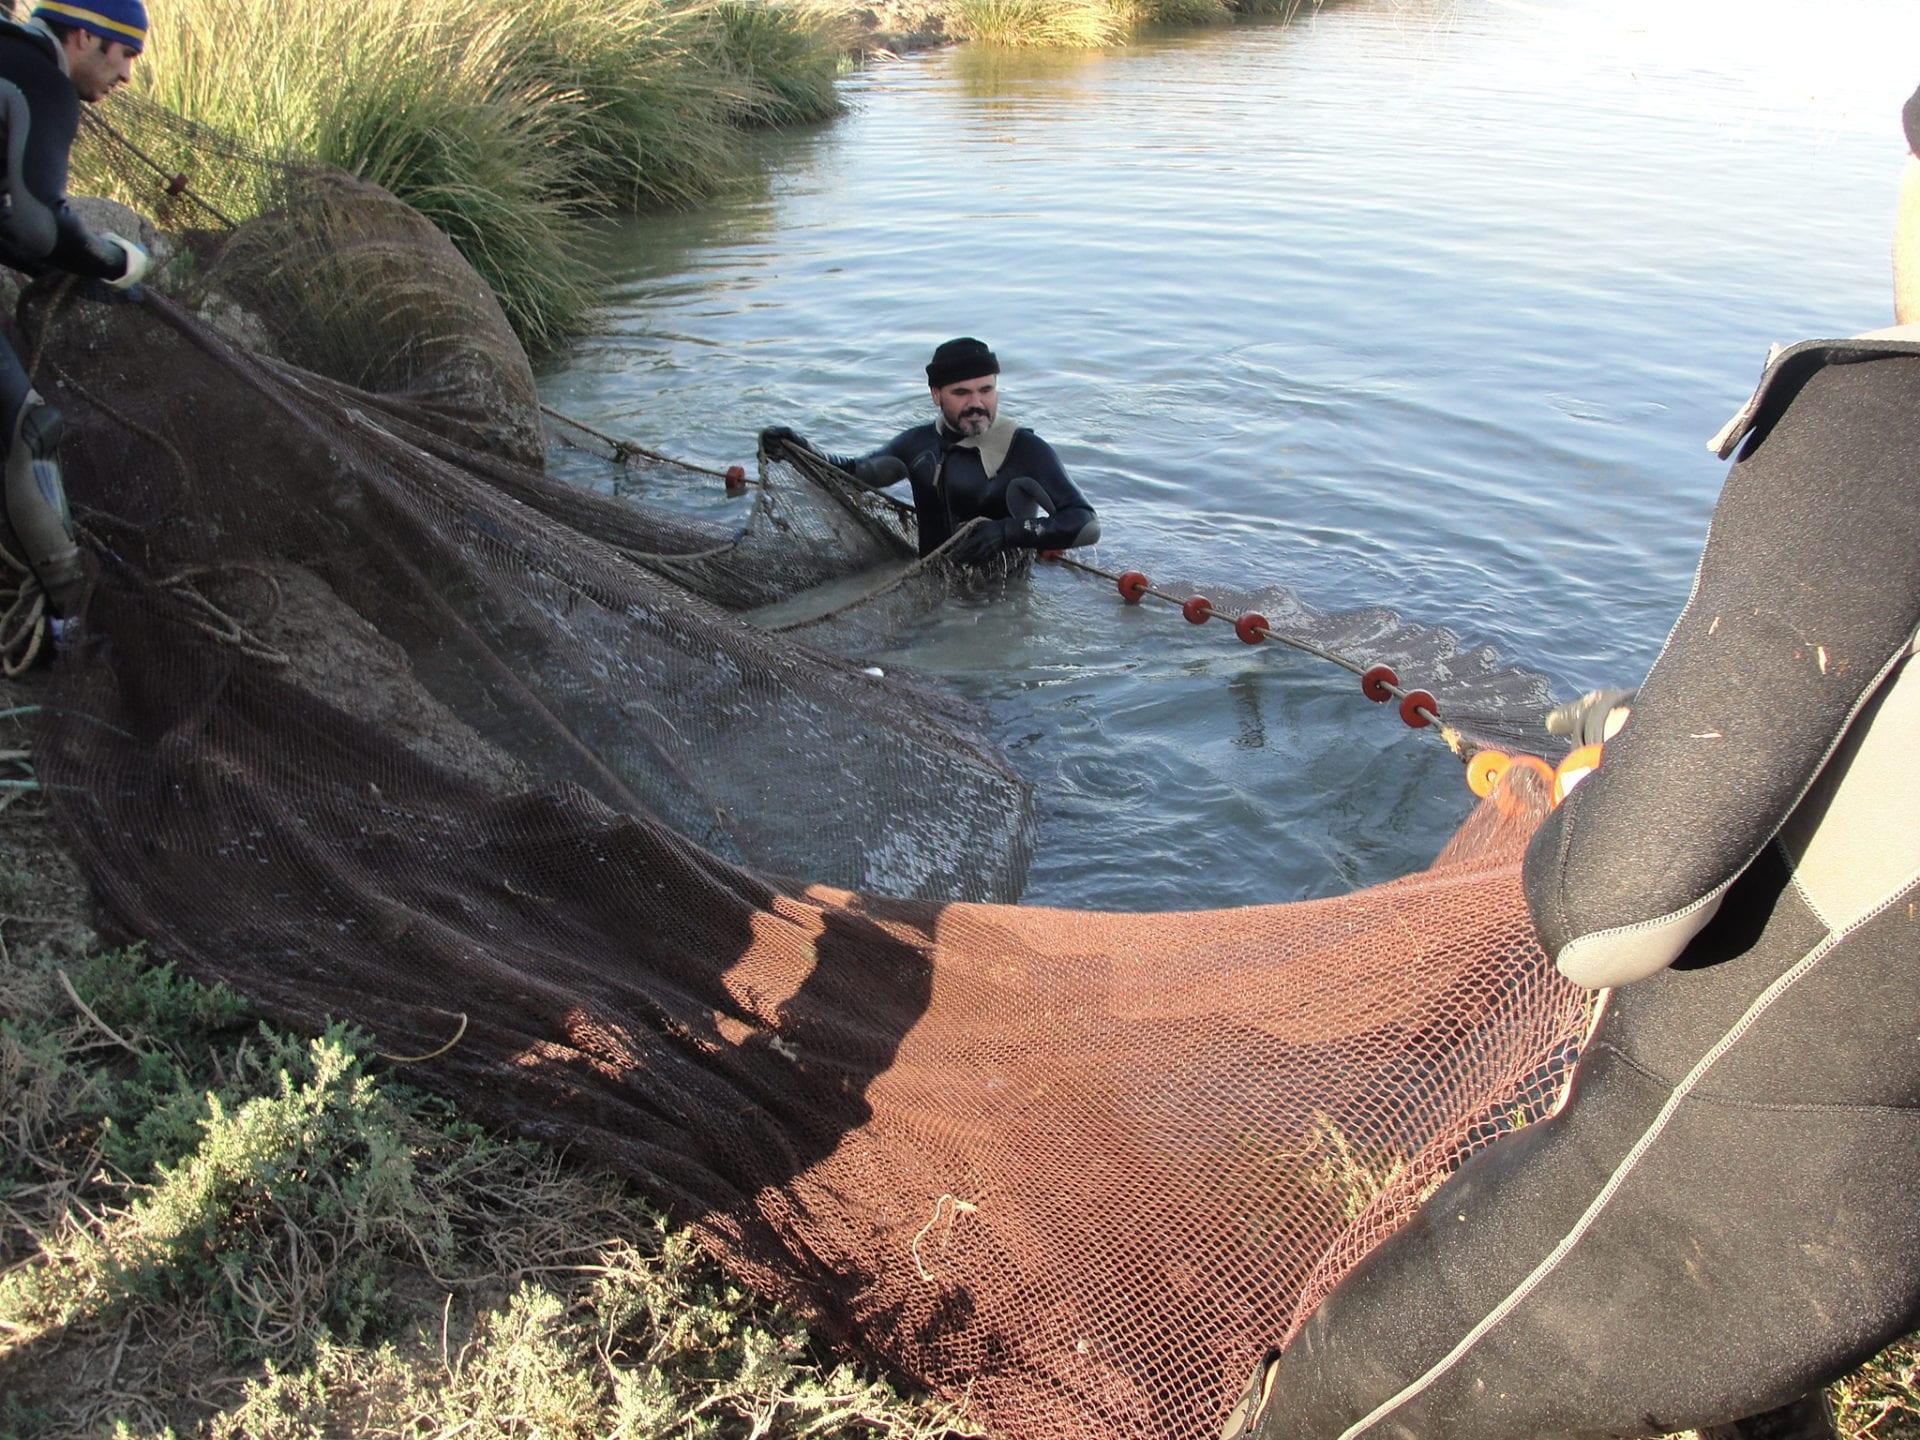 Trabajador acuicultura